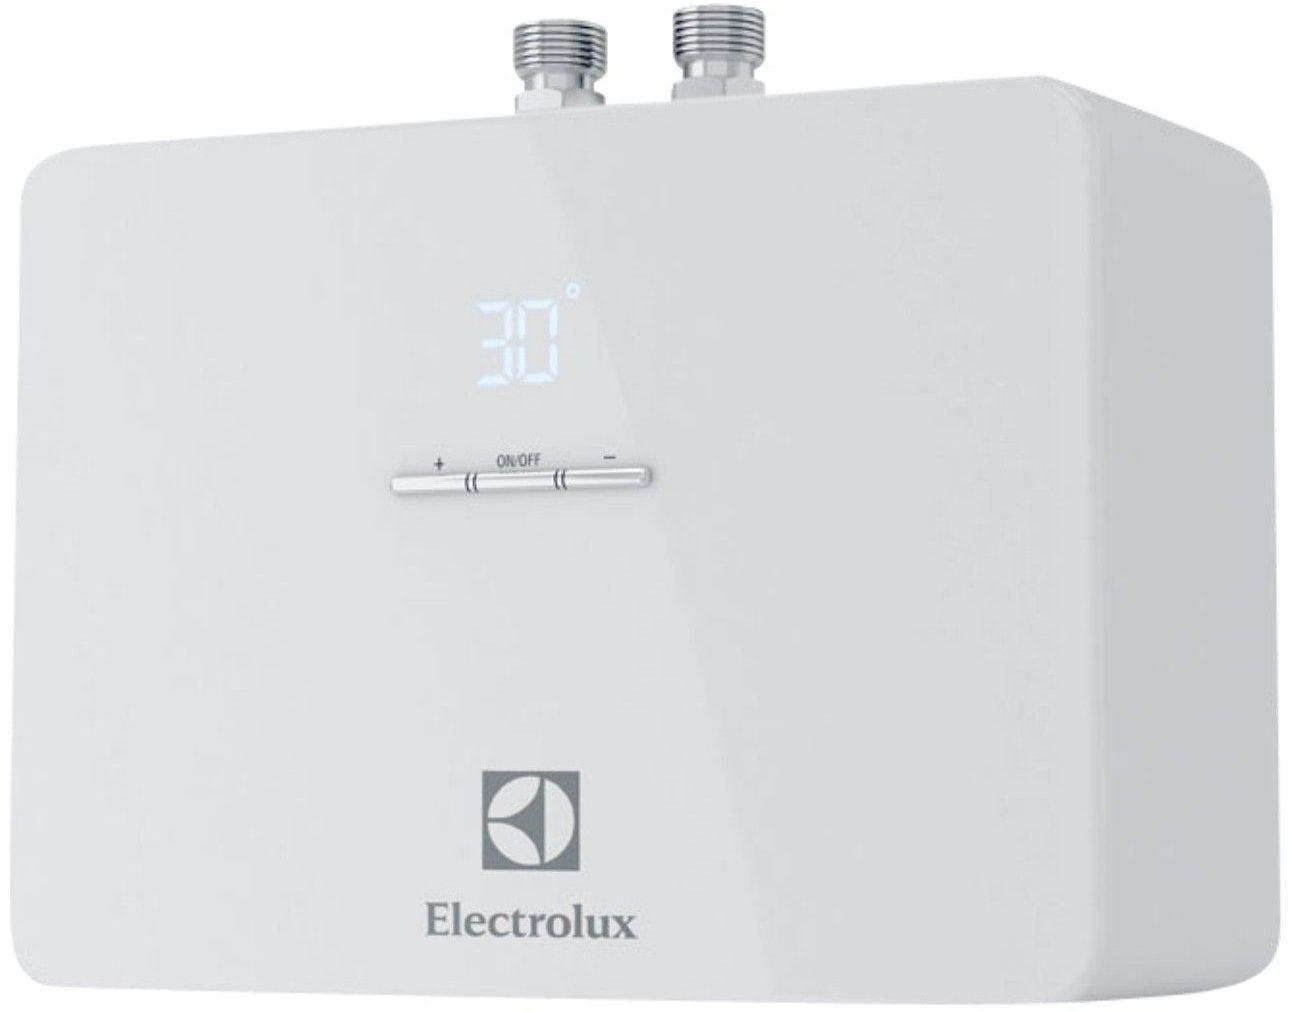 Electolux NPX4 Aquatronic Digital 2.0